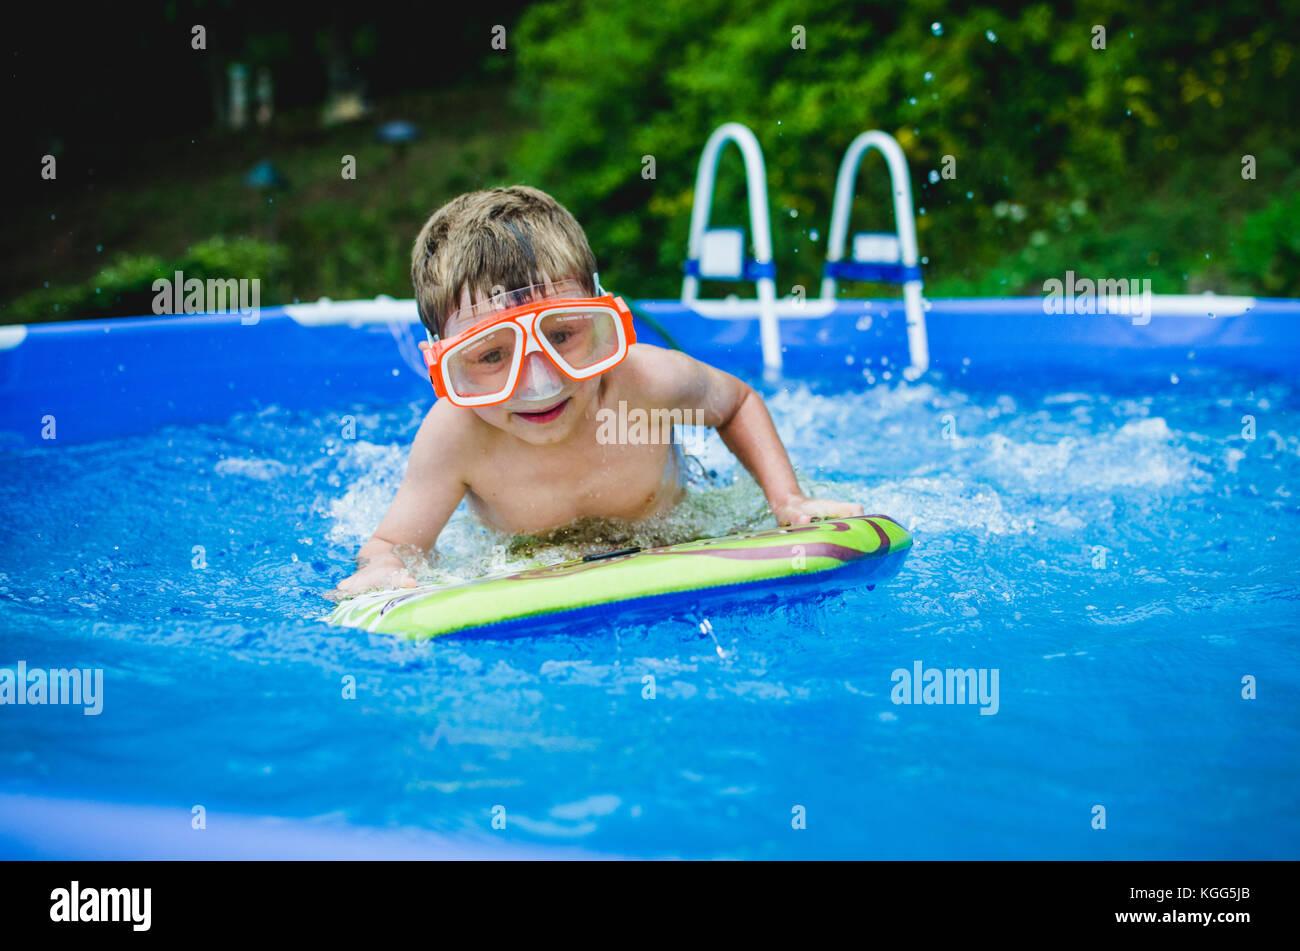 8-9 años jugando en un boogie board en una piscina en verano. Imagen De Stock